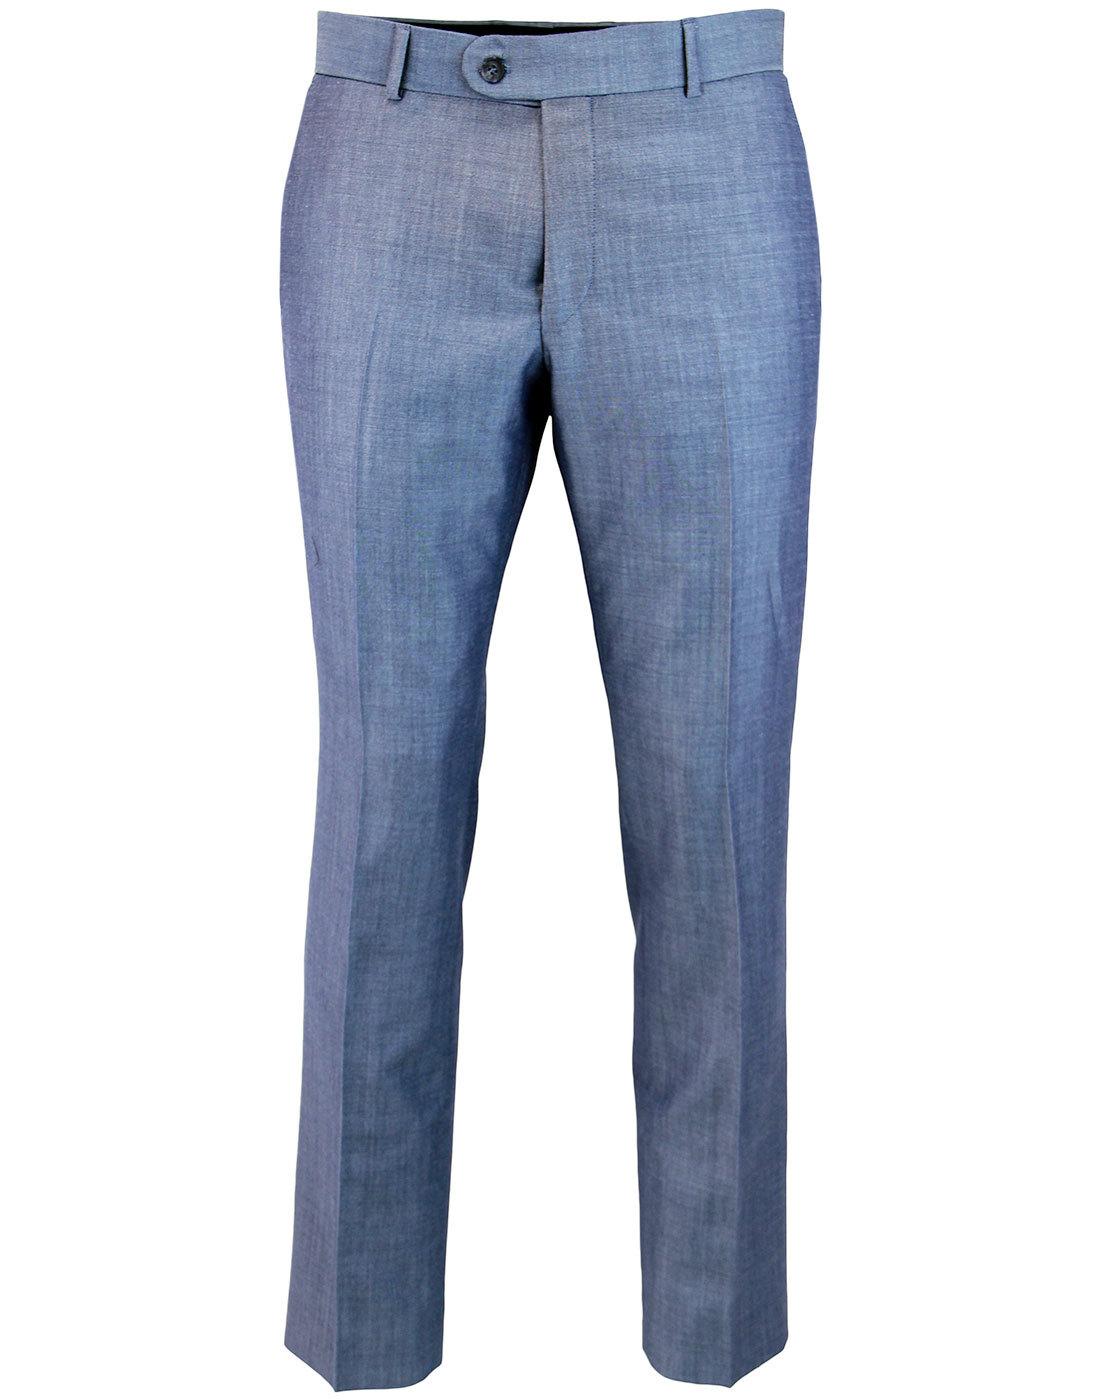 Retro 60s Mod Mohair Slim Tonic Suit Trousers BLUE